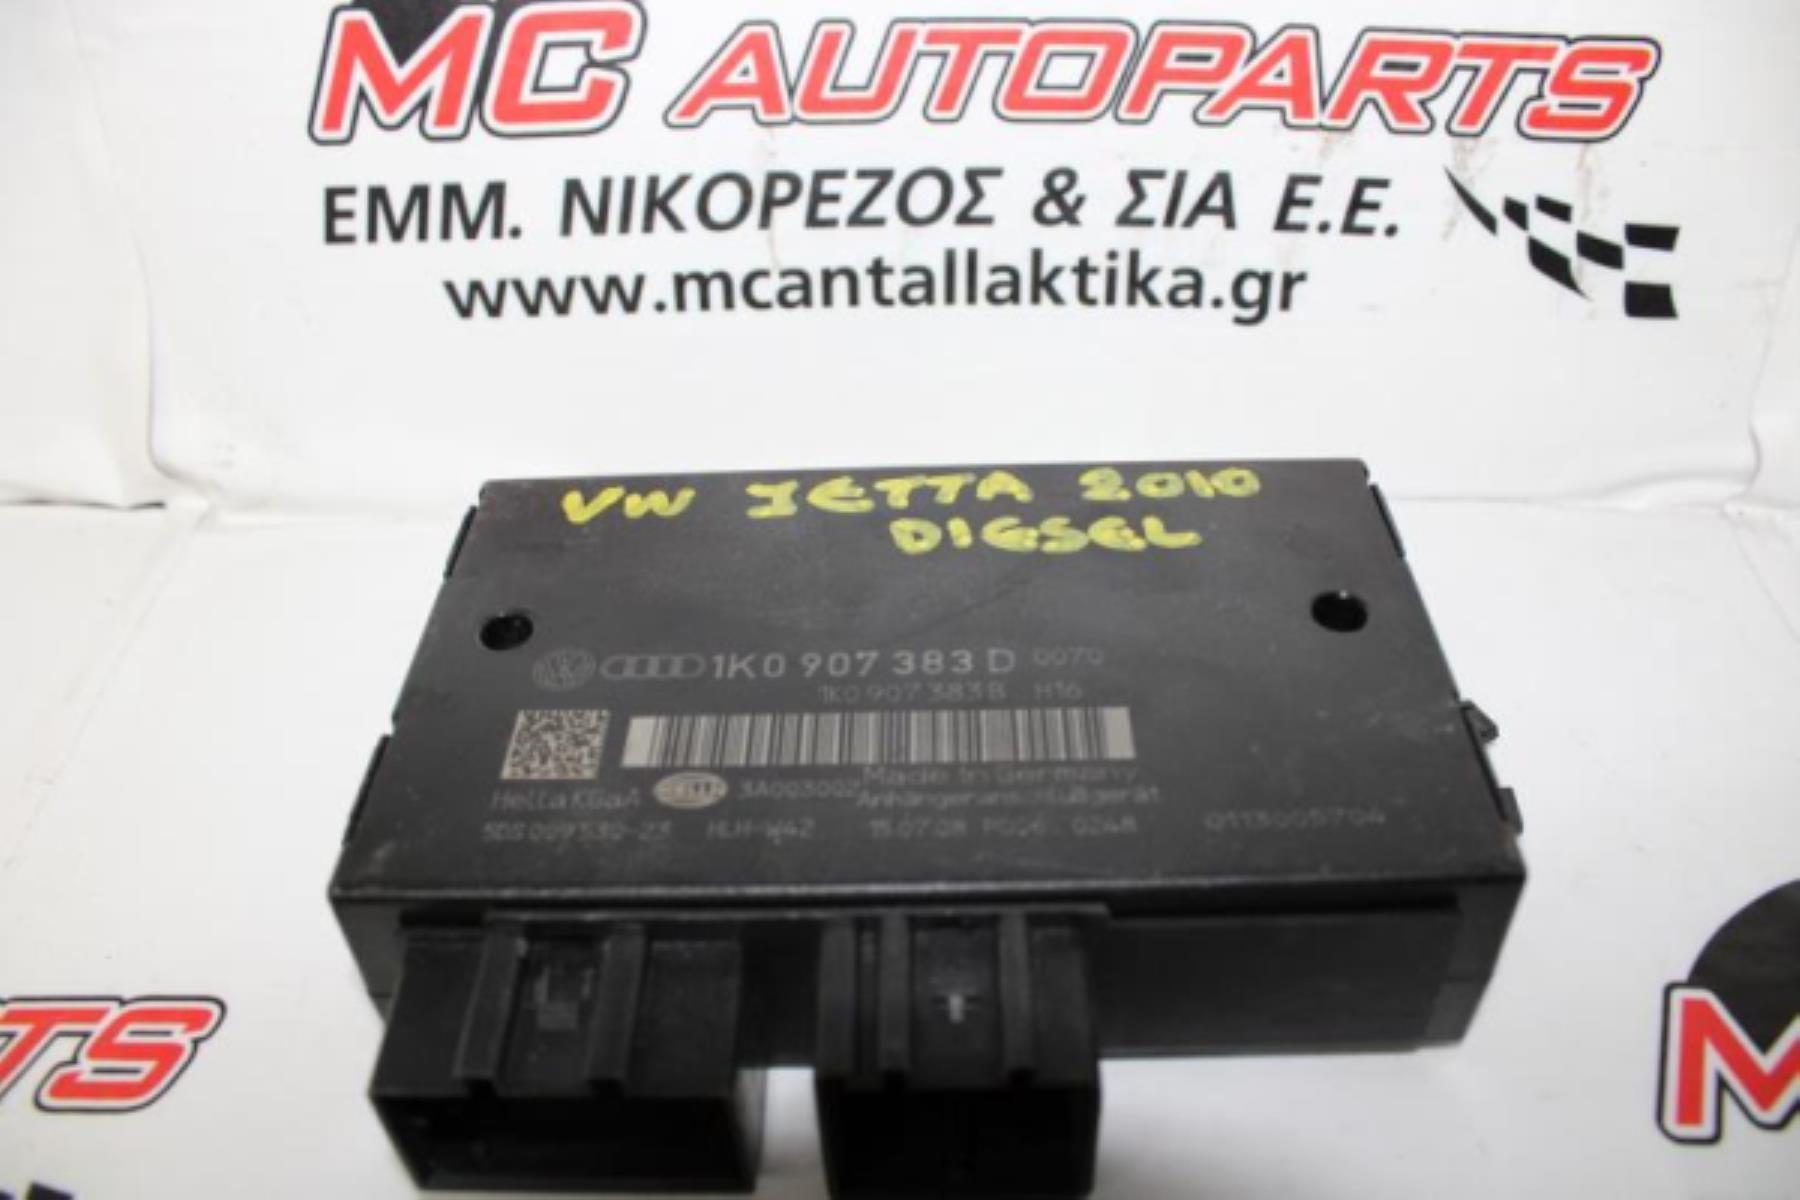 Εικόνα από Πλακέτα  VW JETTA (2005-2011)  1K0907383D   ECU Trailer